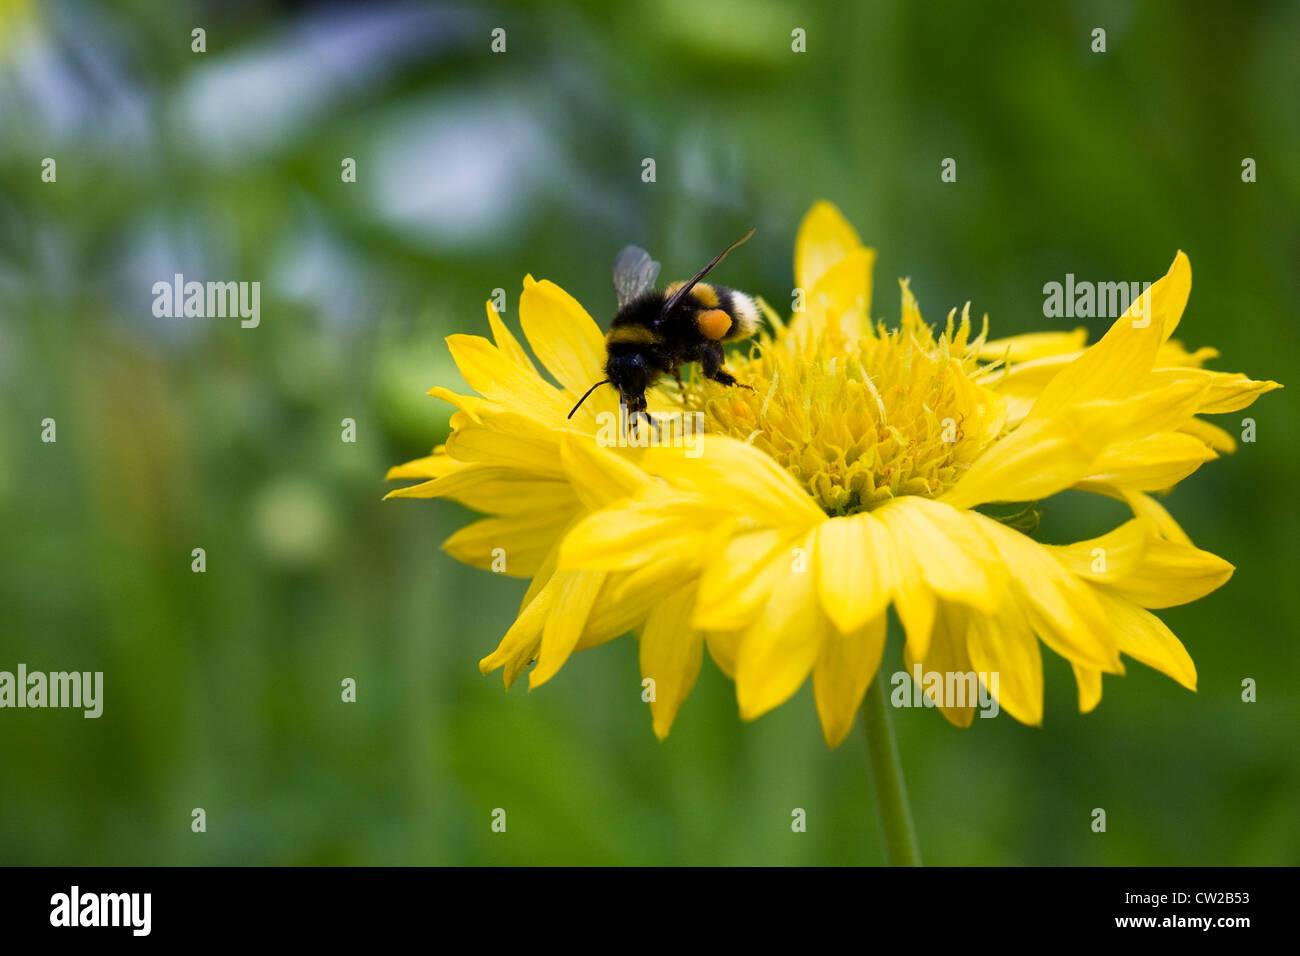 Bombus terrestris feeding on Coreopsis grandiflora. - Stock Image